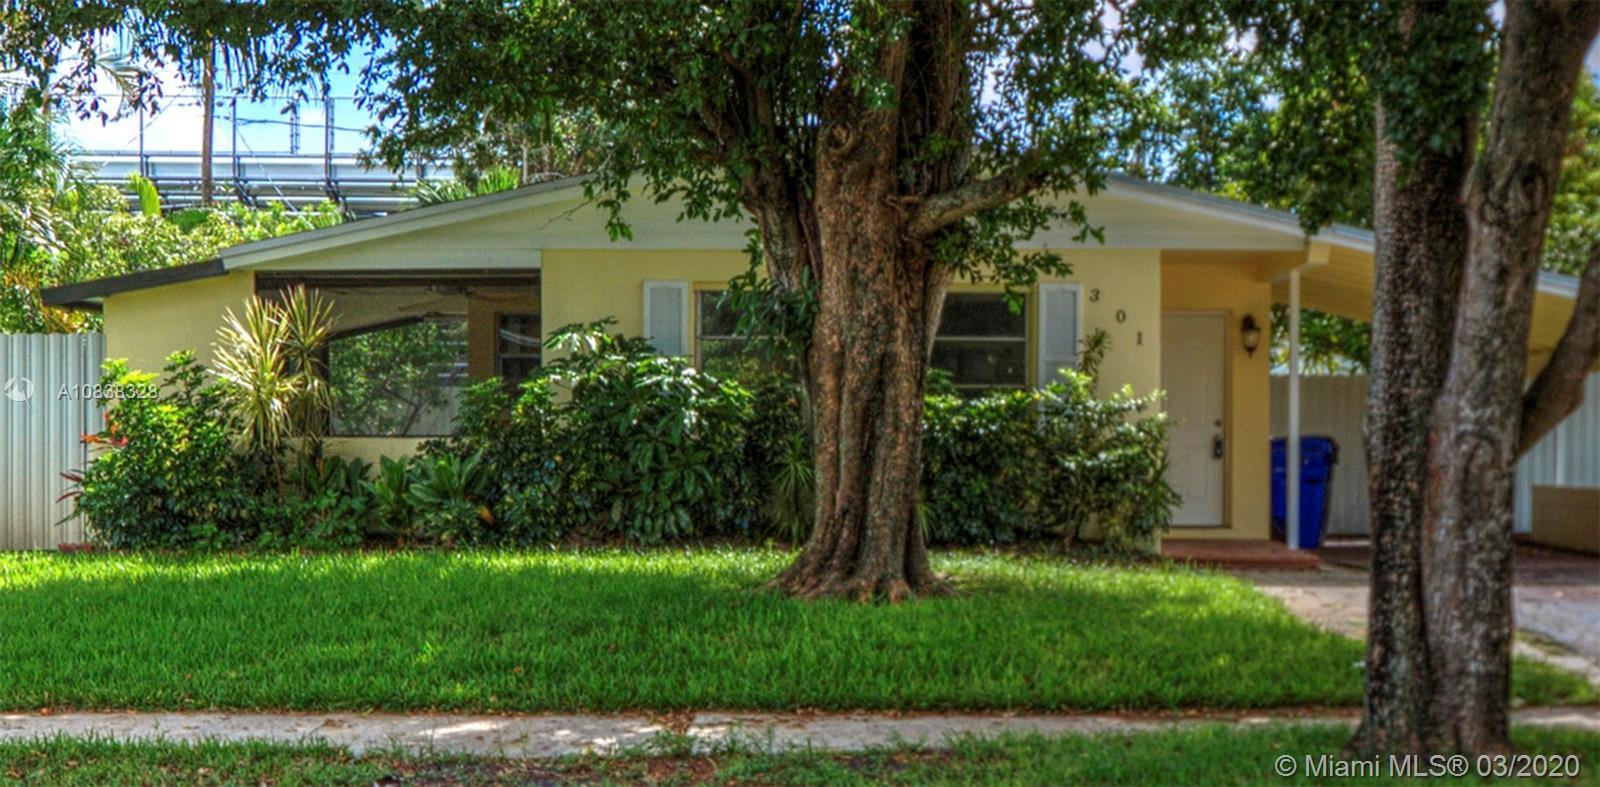 301 N 65th Ter, Hollywood, FL 33024 - Hollywood, FL real estate listing